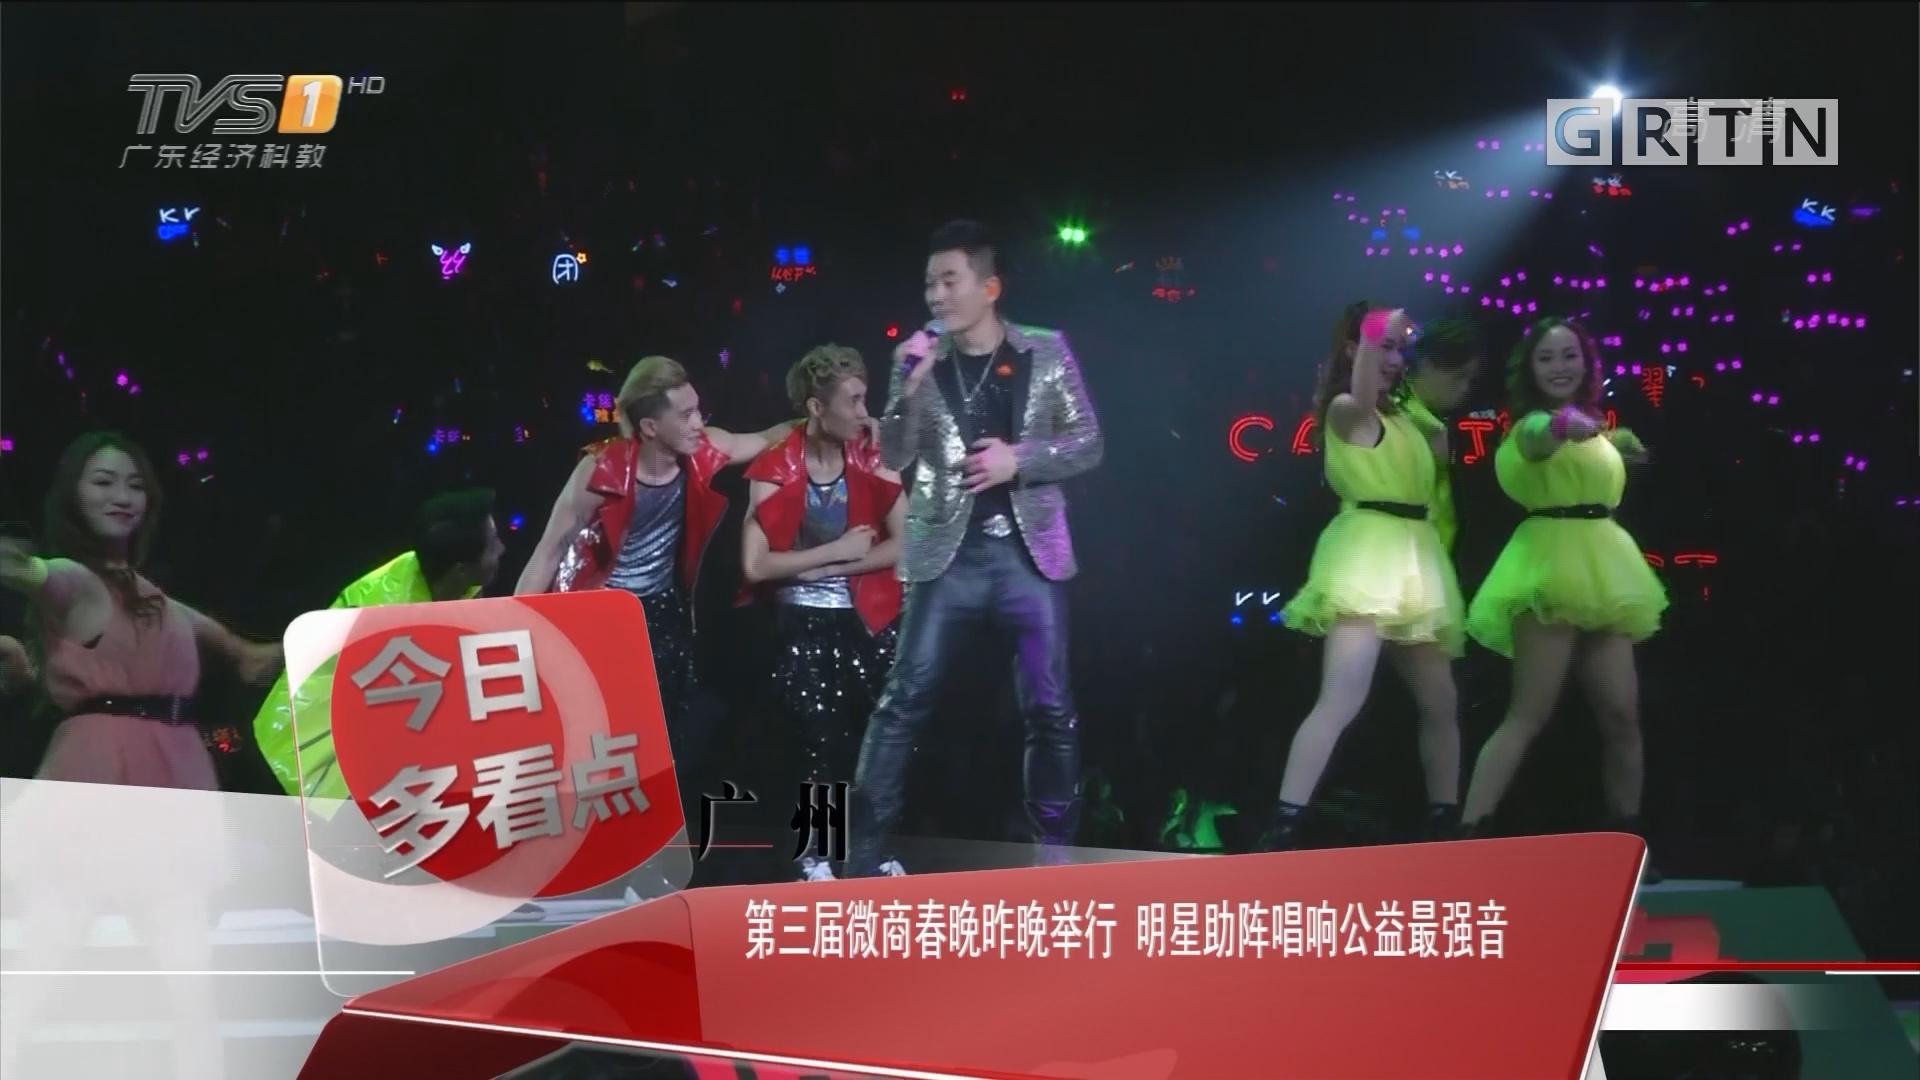 广州:第三届微商春晚昨晚举行 明星助阵唱响公益最强音